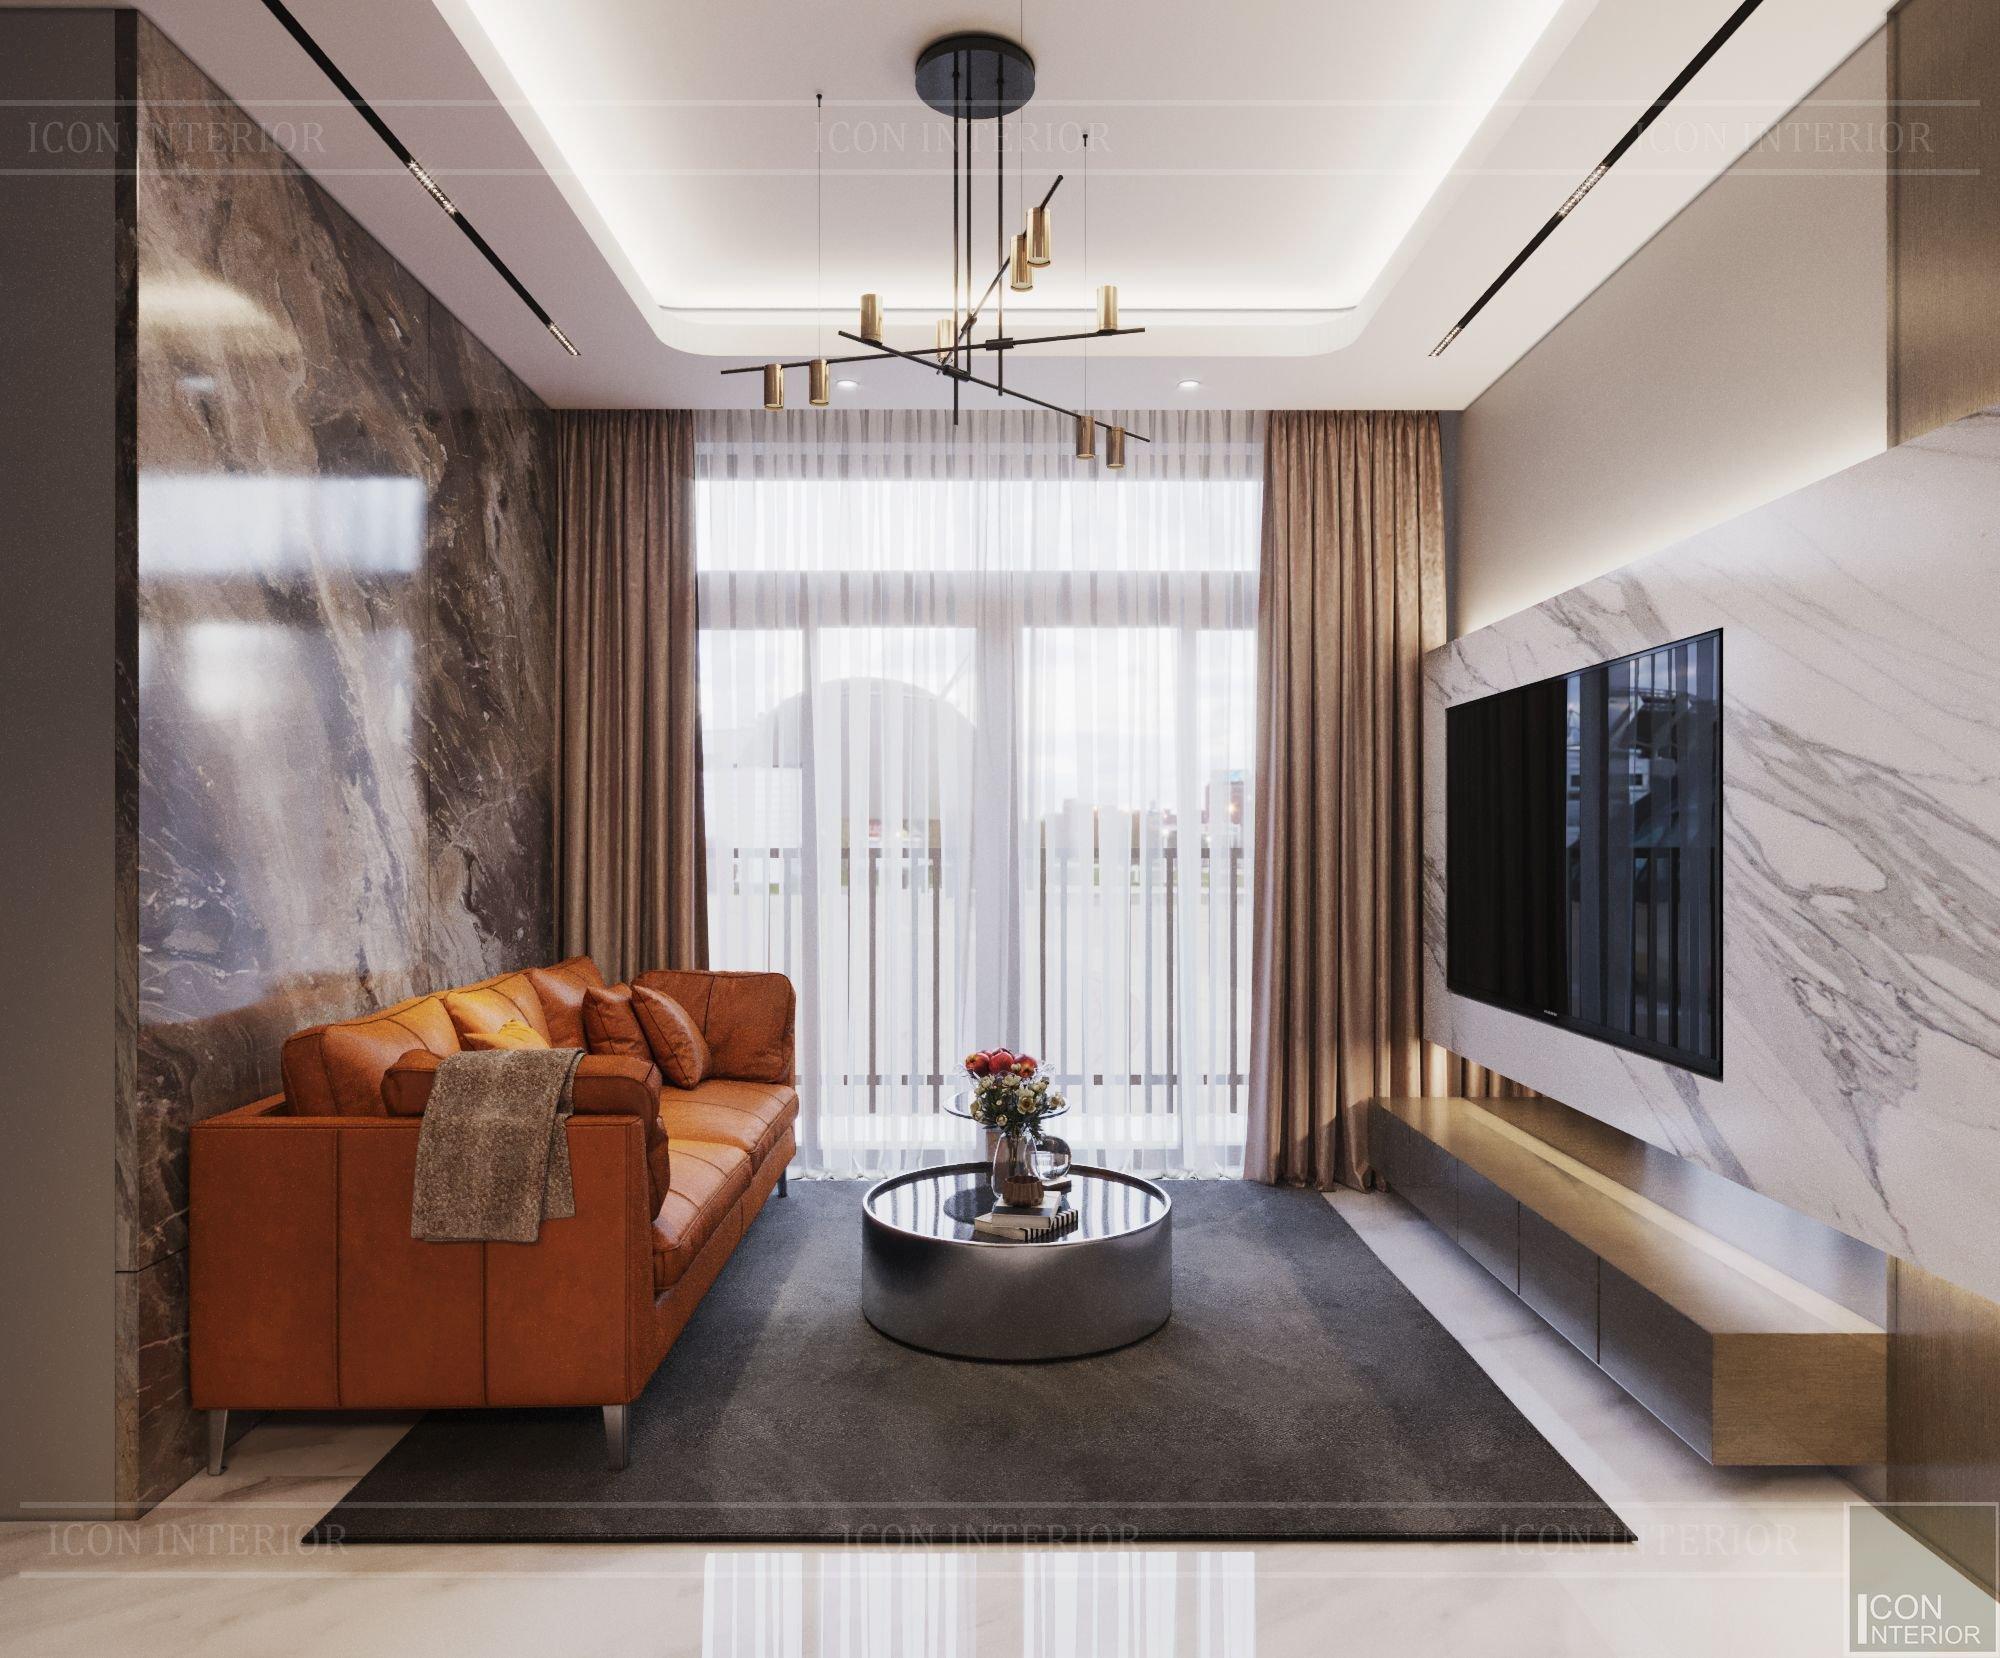 thiết kế nội thất căn hộ chung cư 40m2